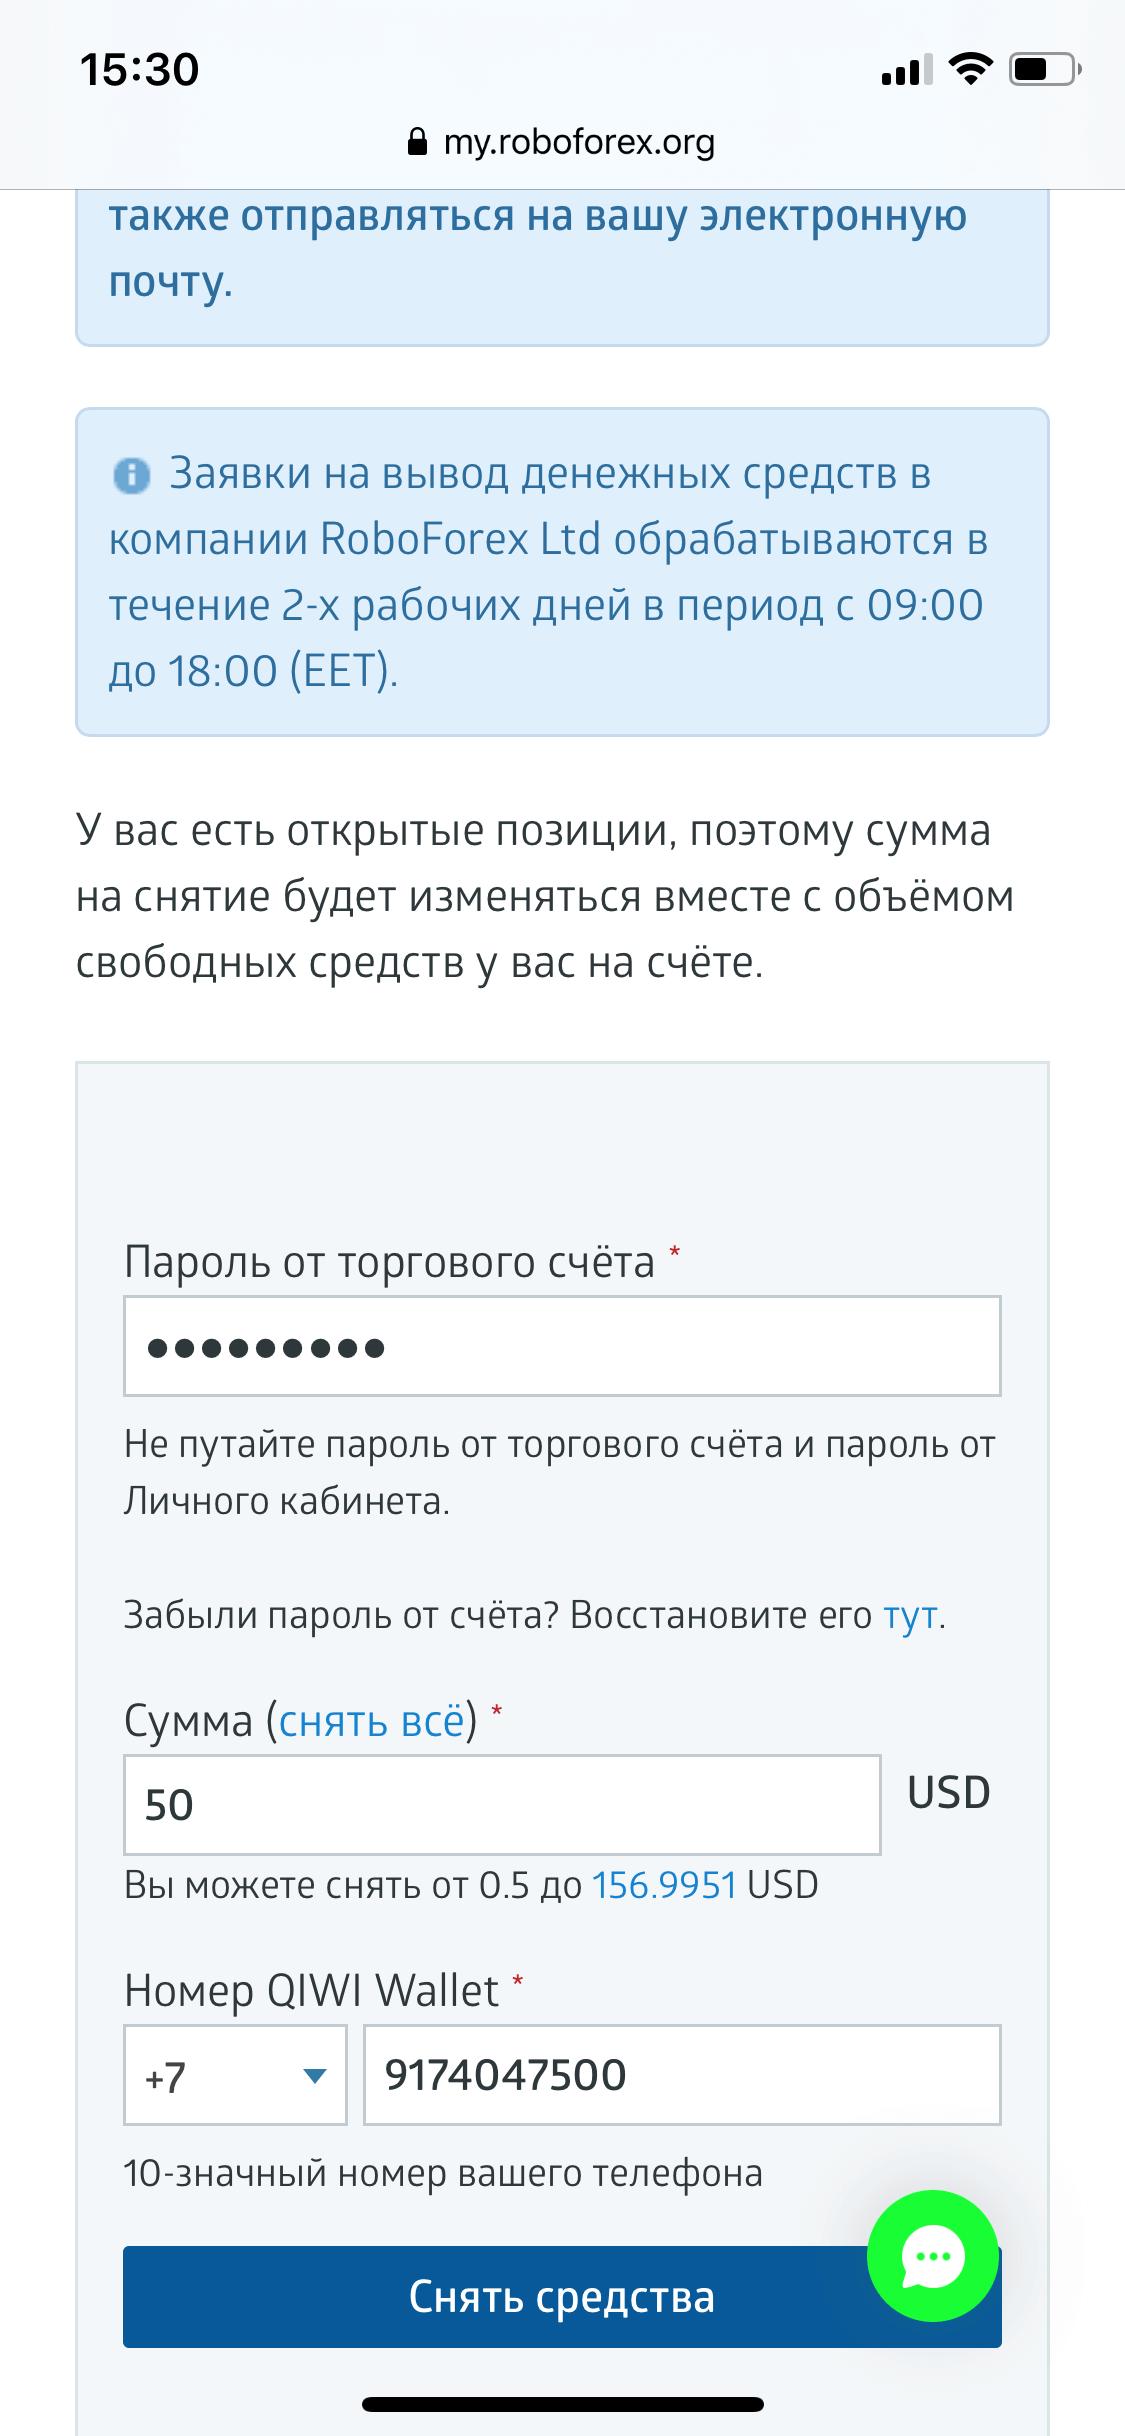 робофорекс